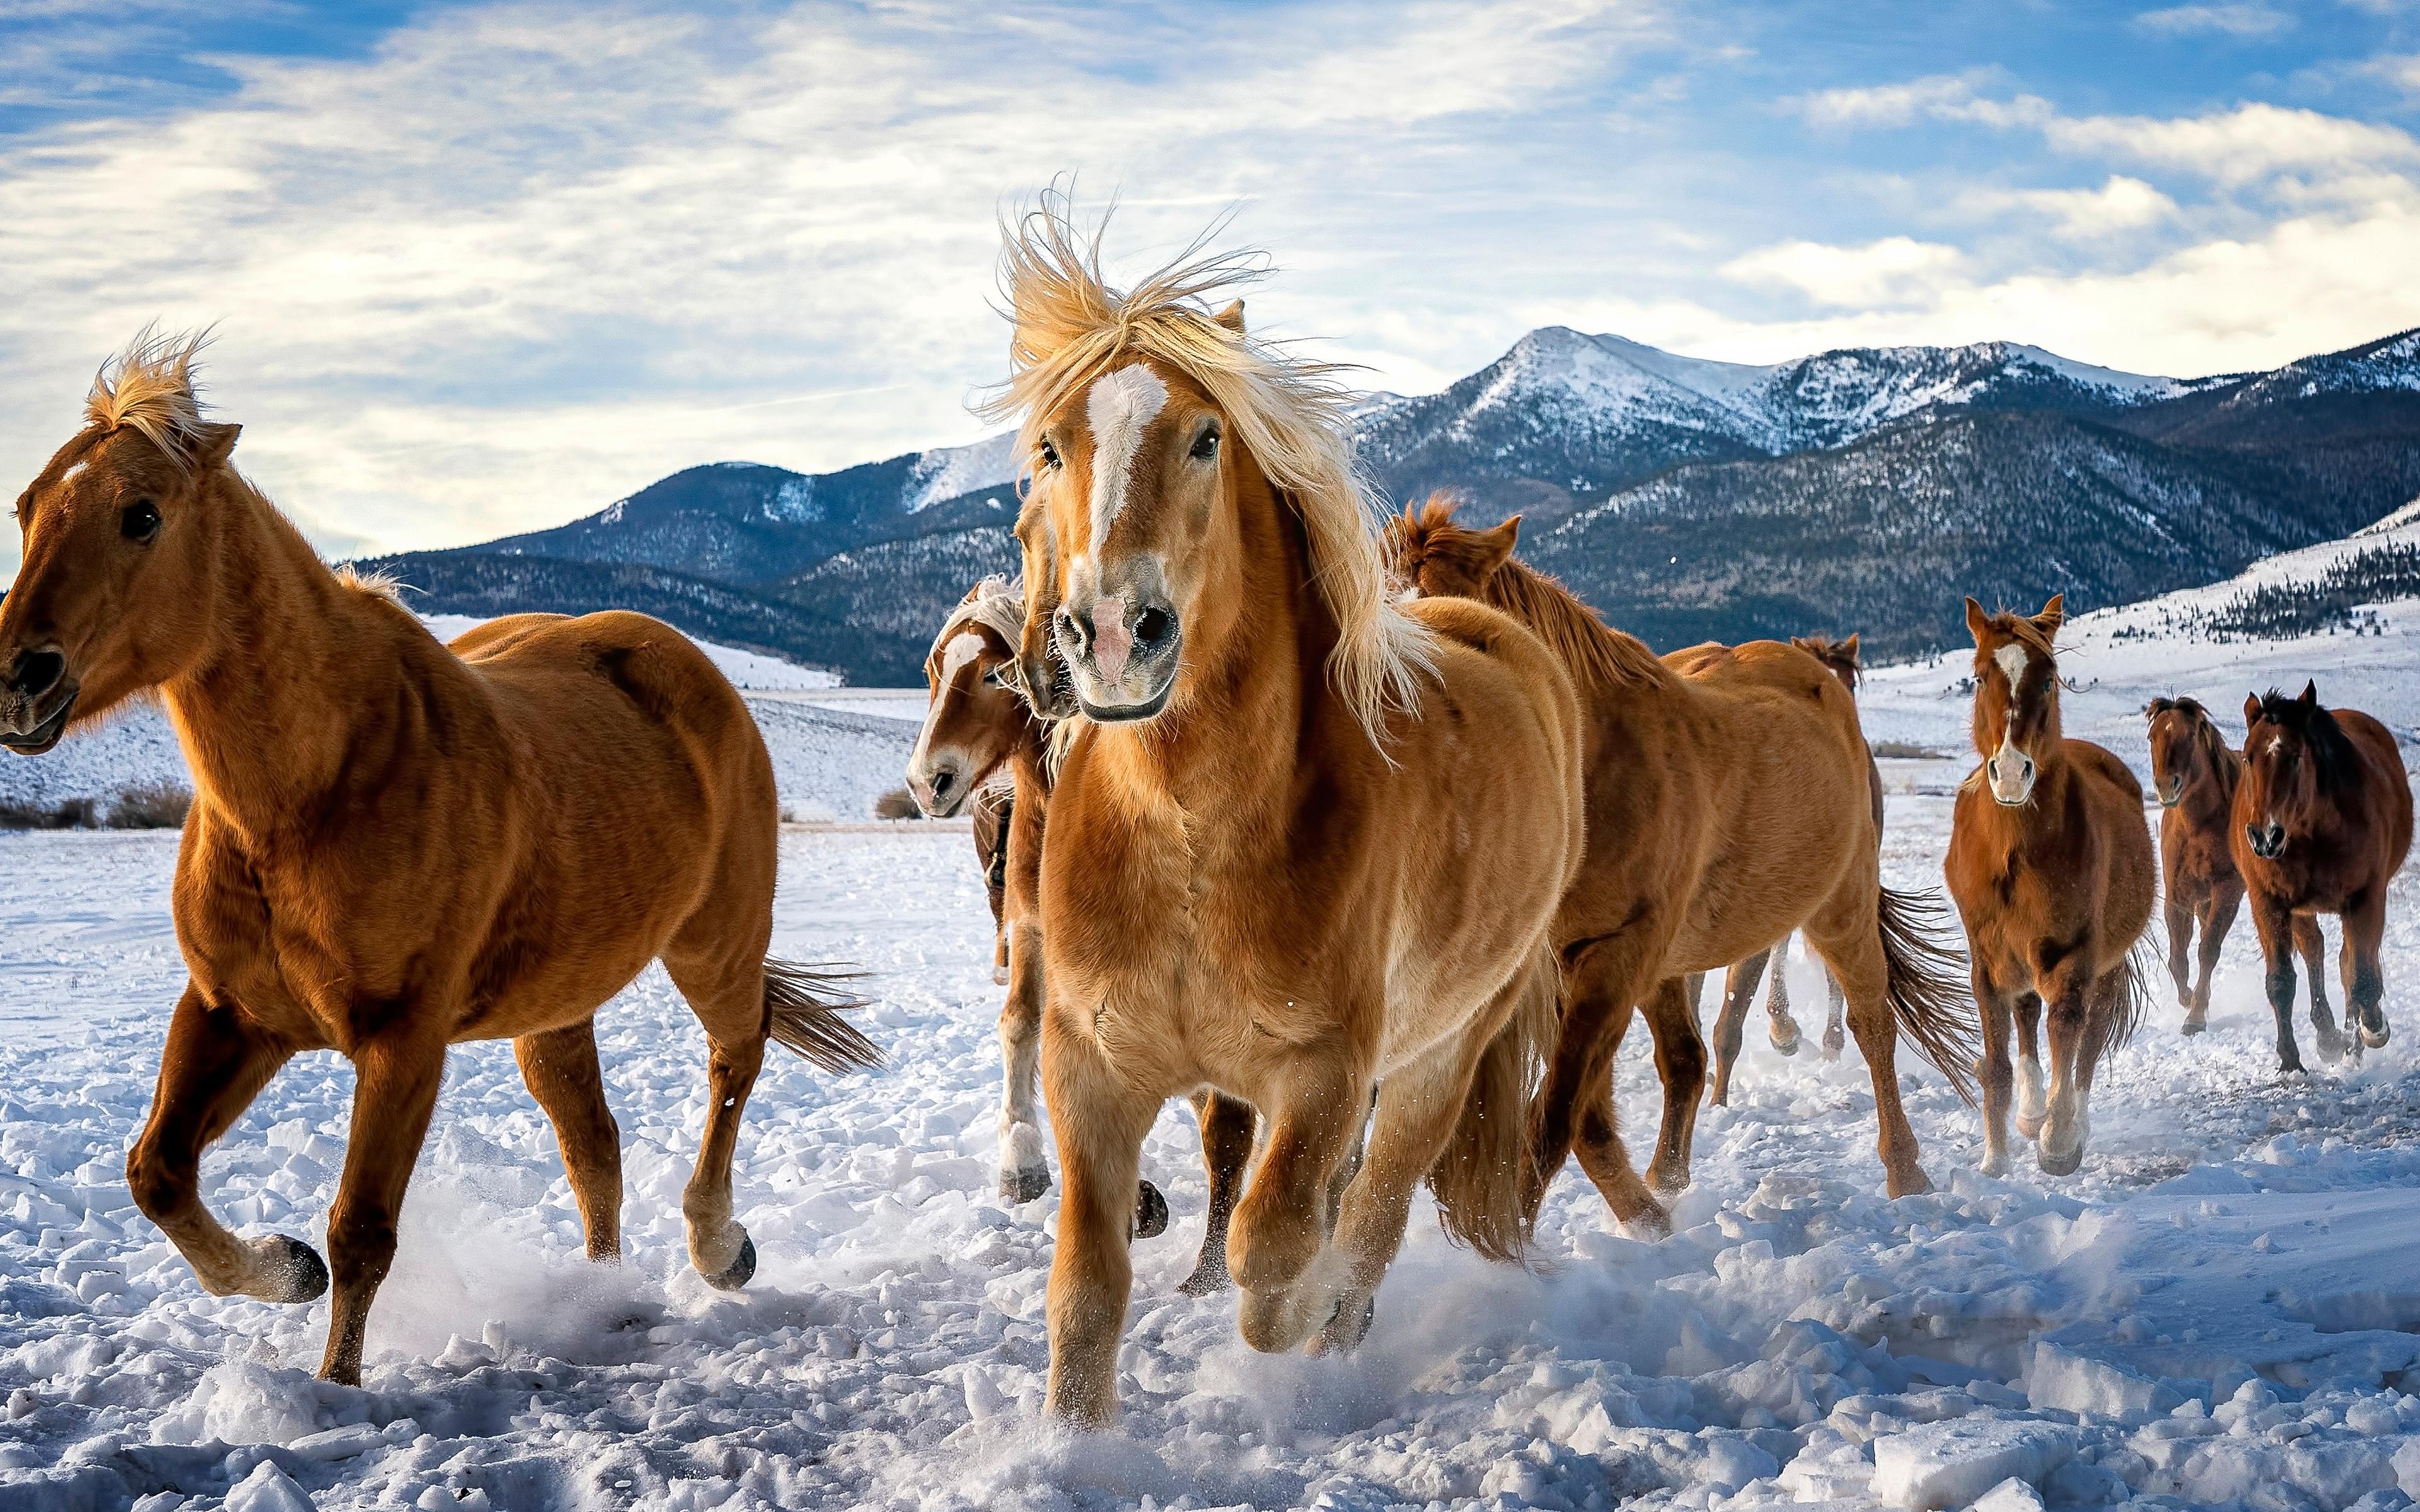 horses-snow-running-4k-z0.jpg